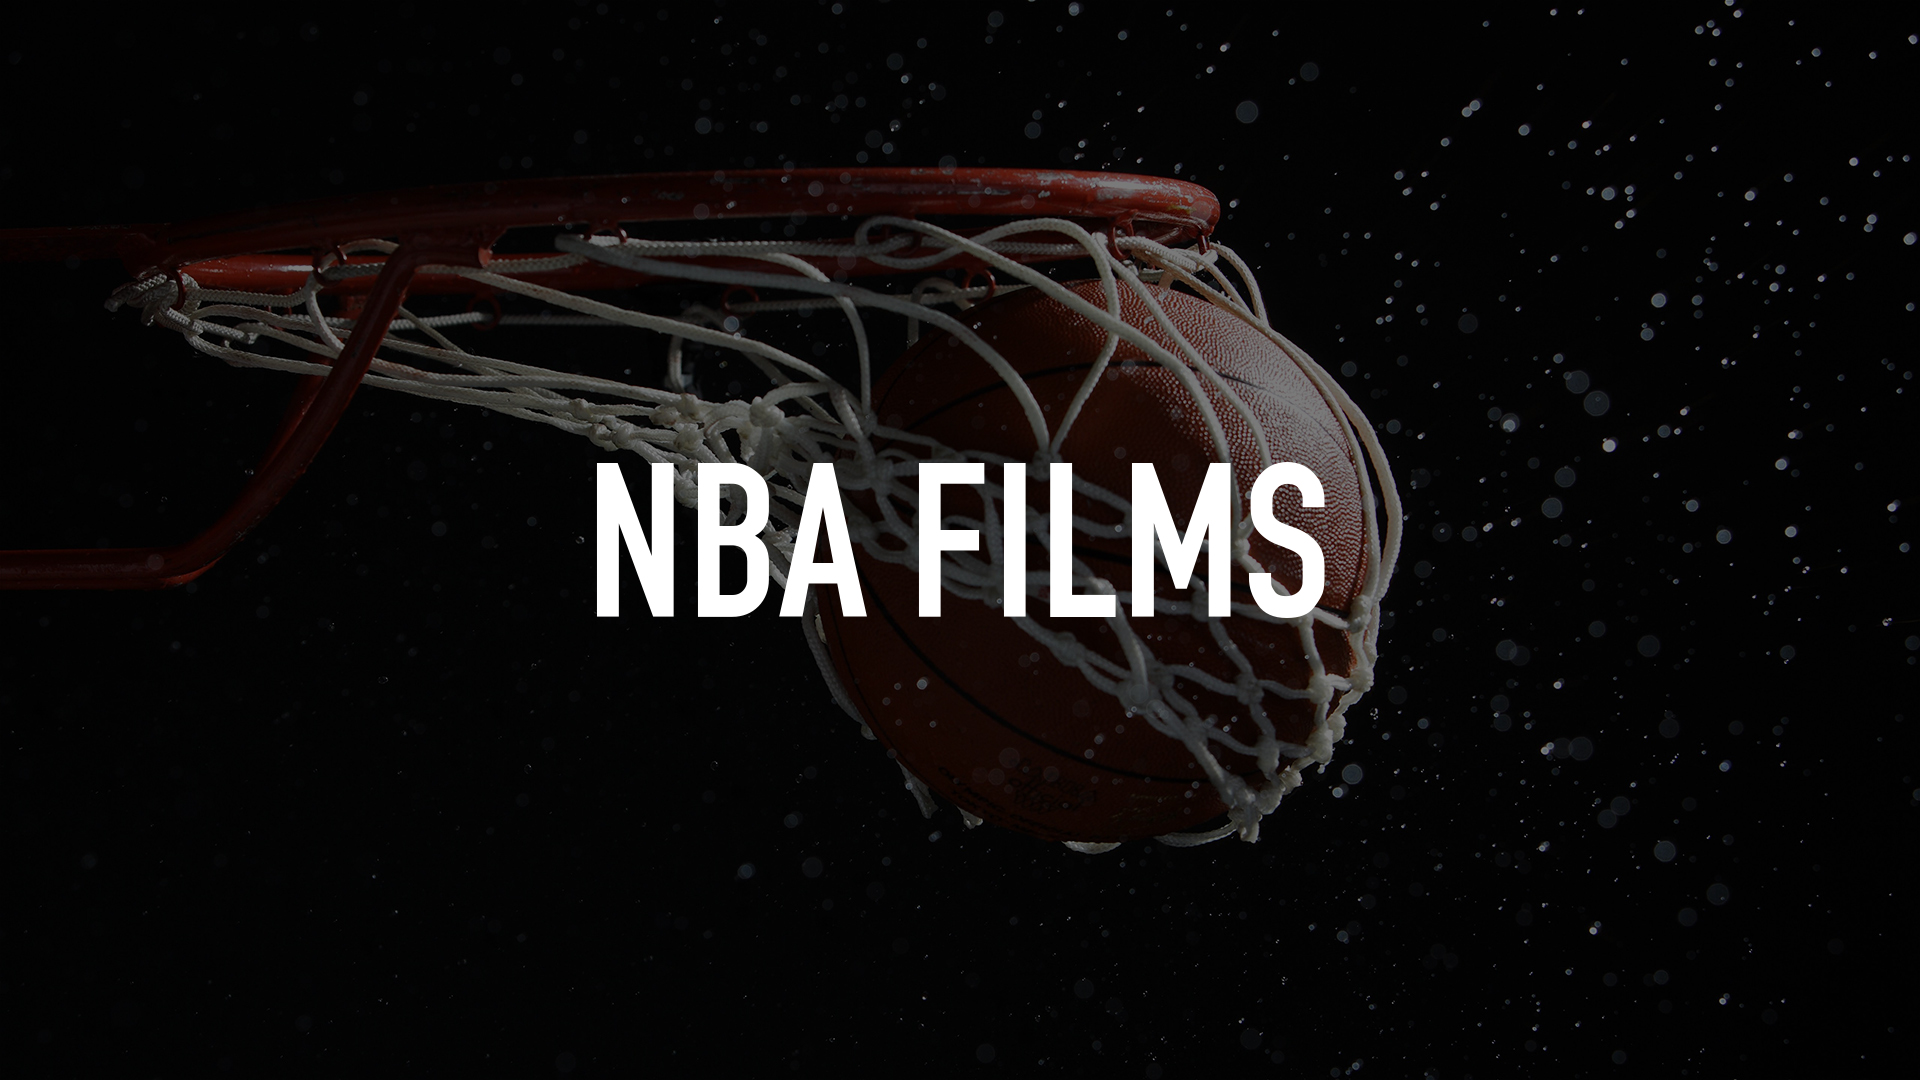 NBA Films